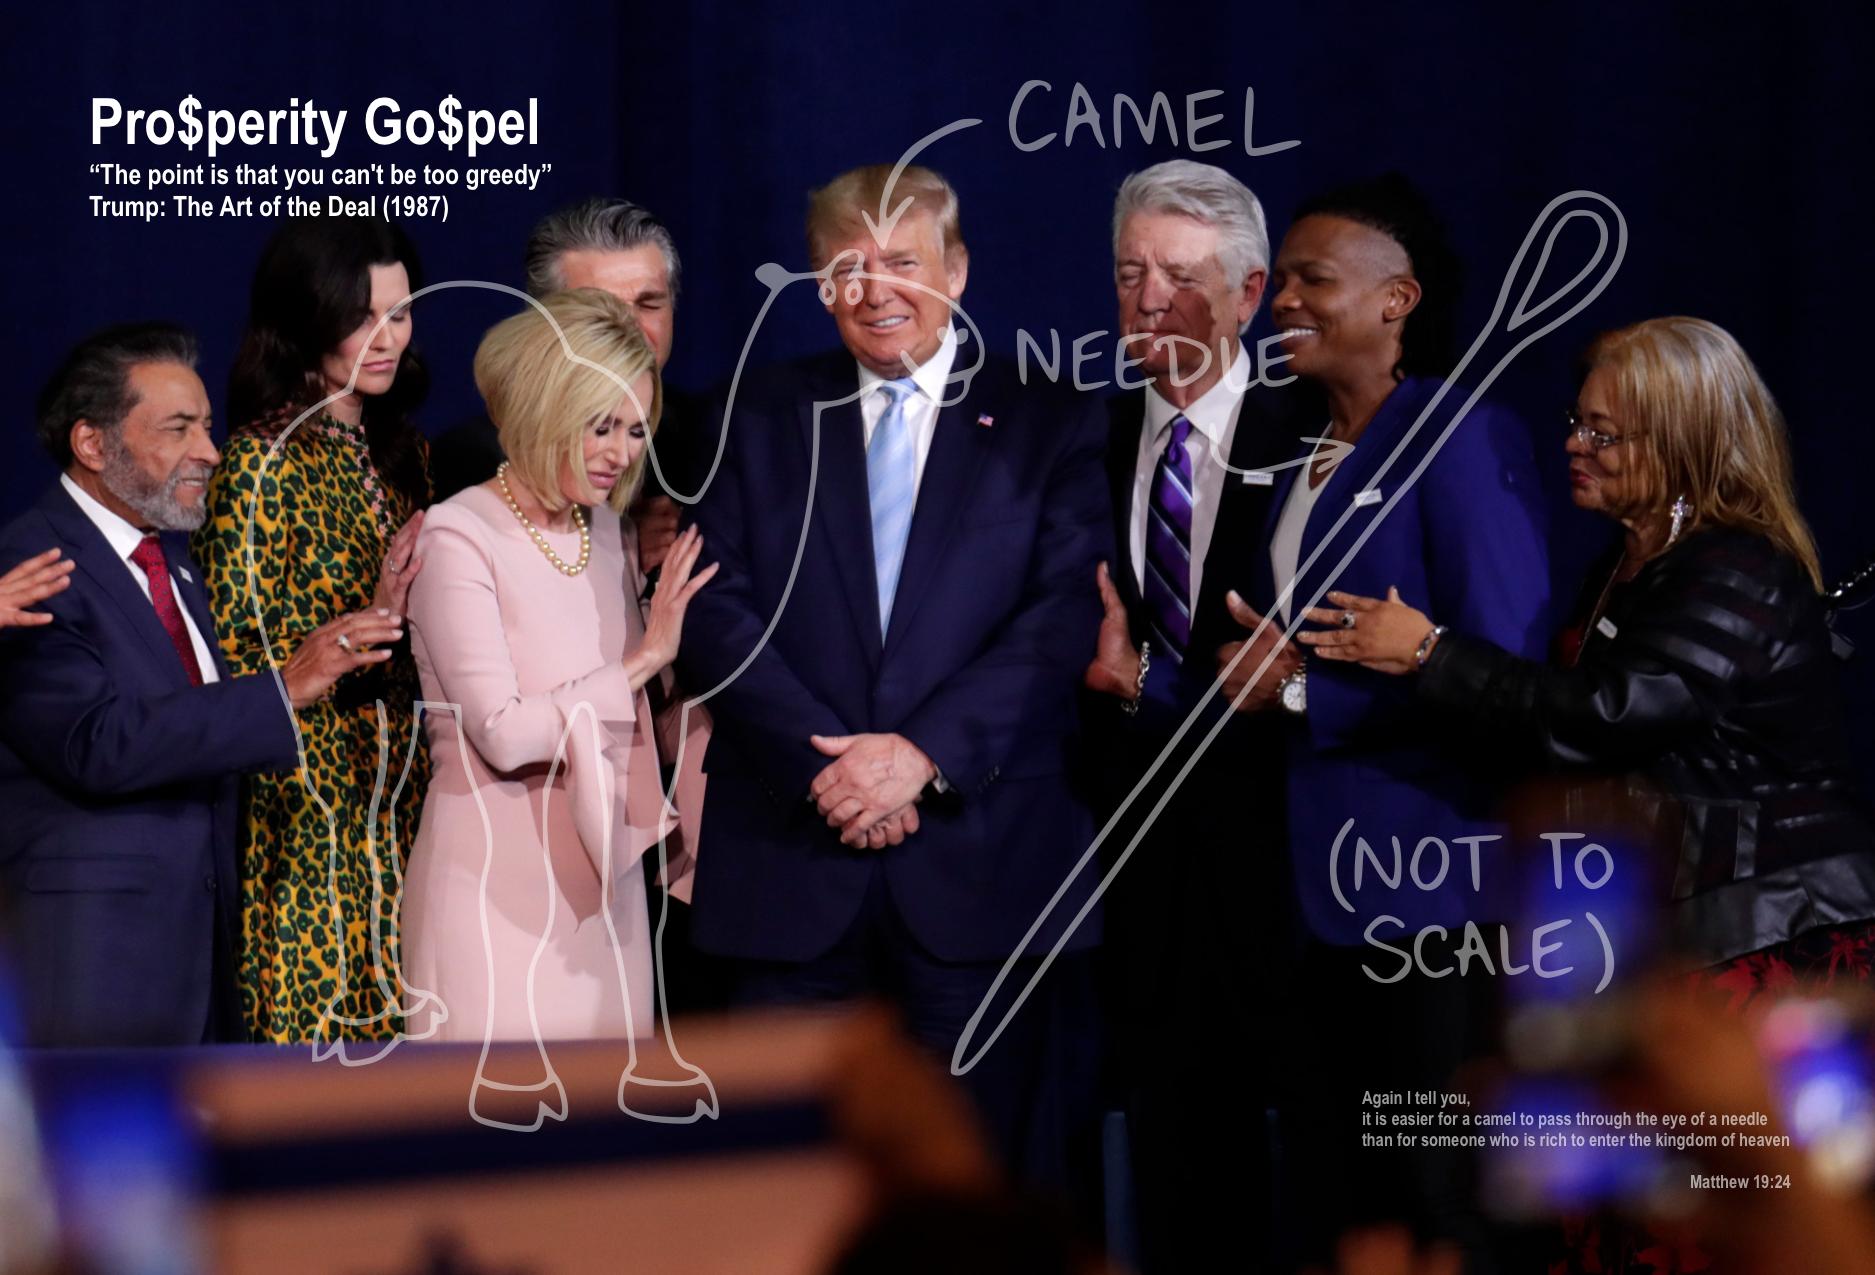 political-prosperity-gospel-believers.pn